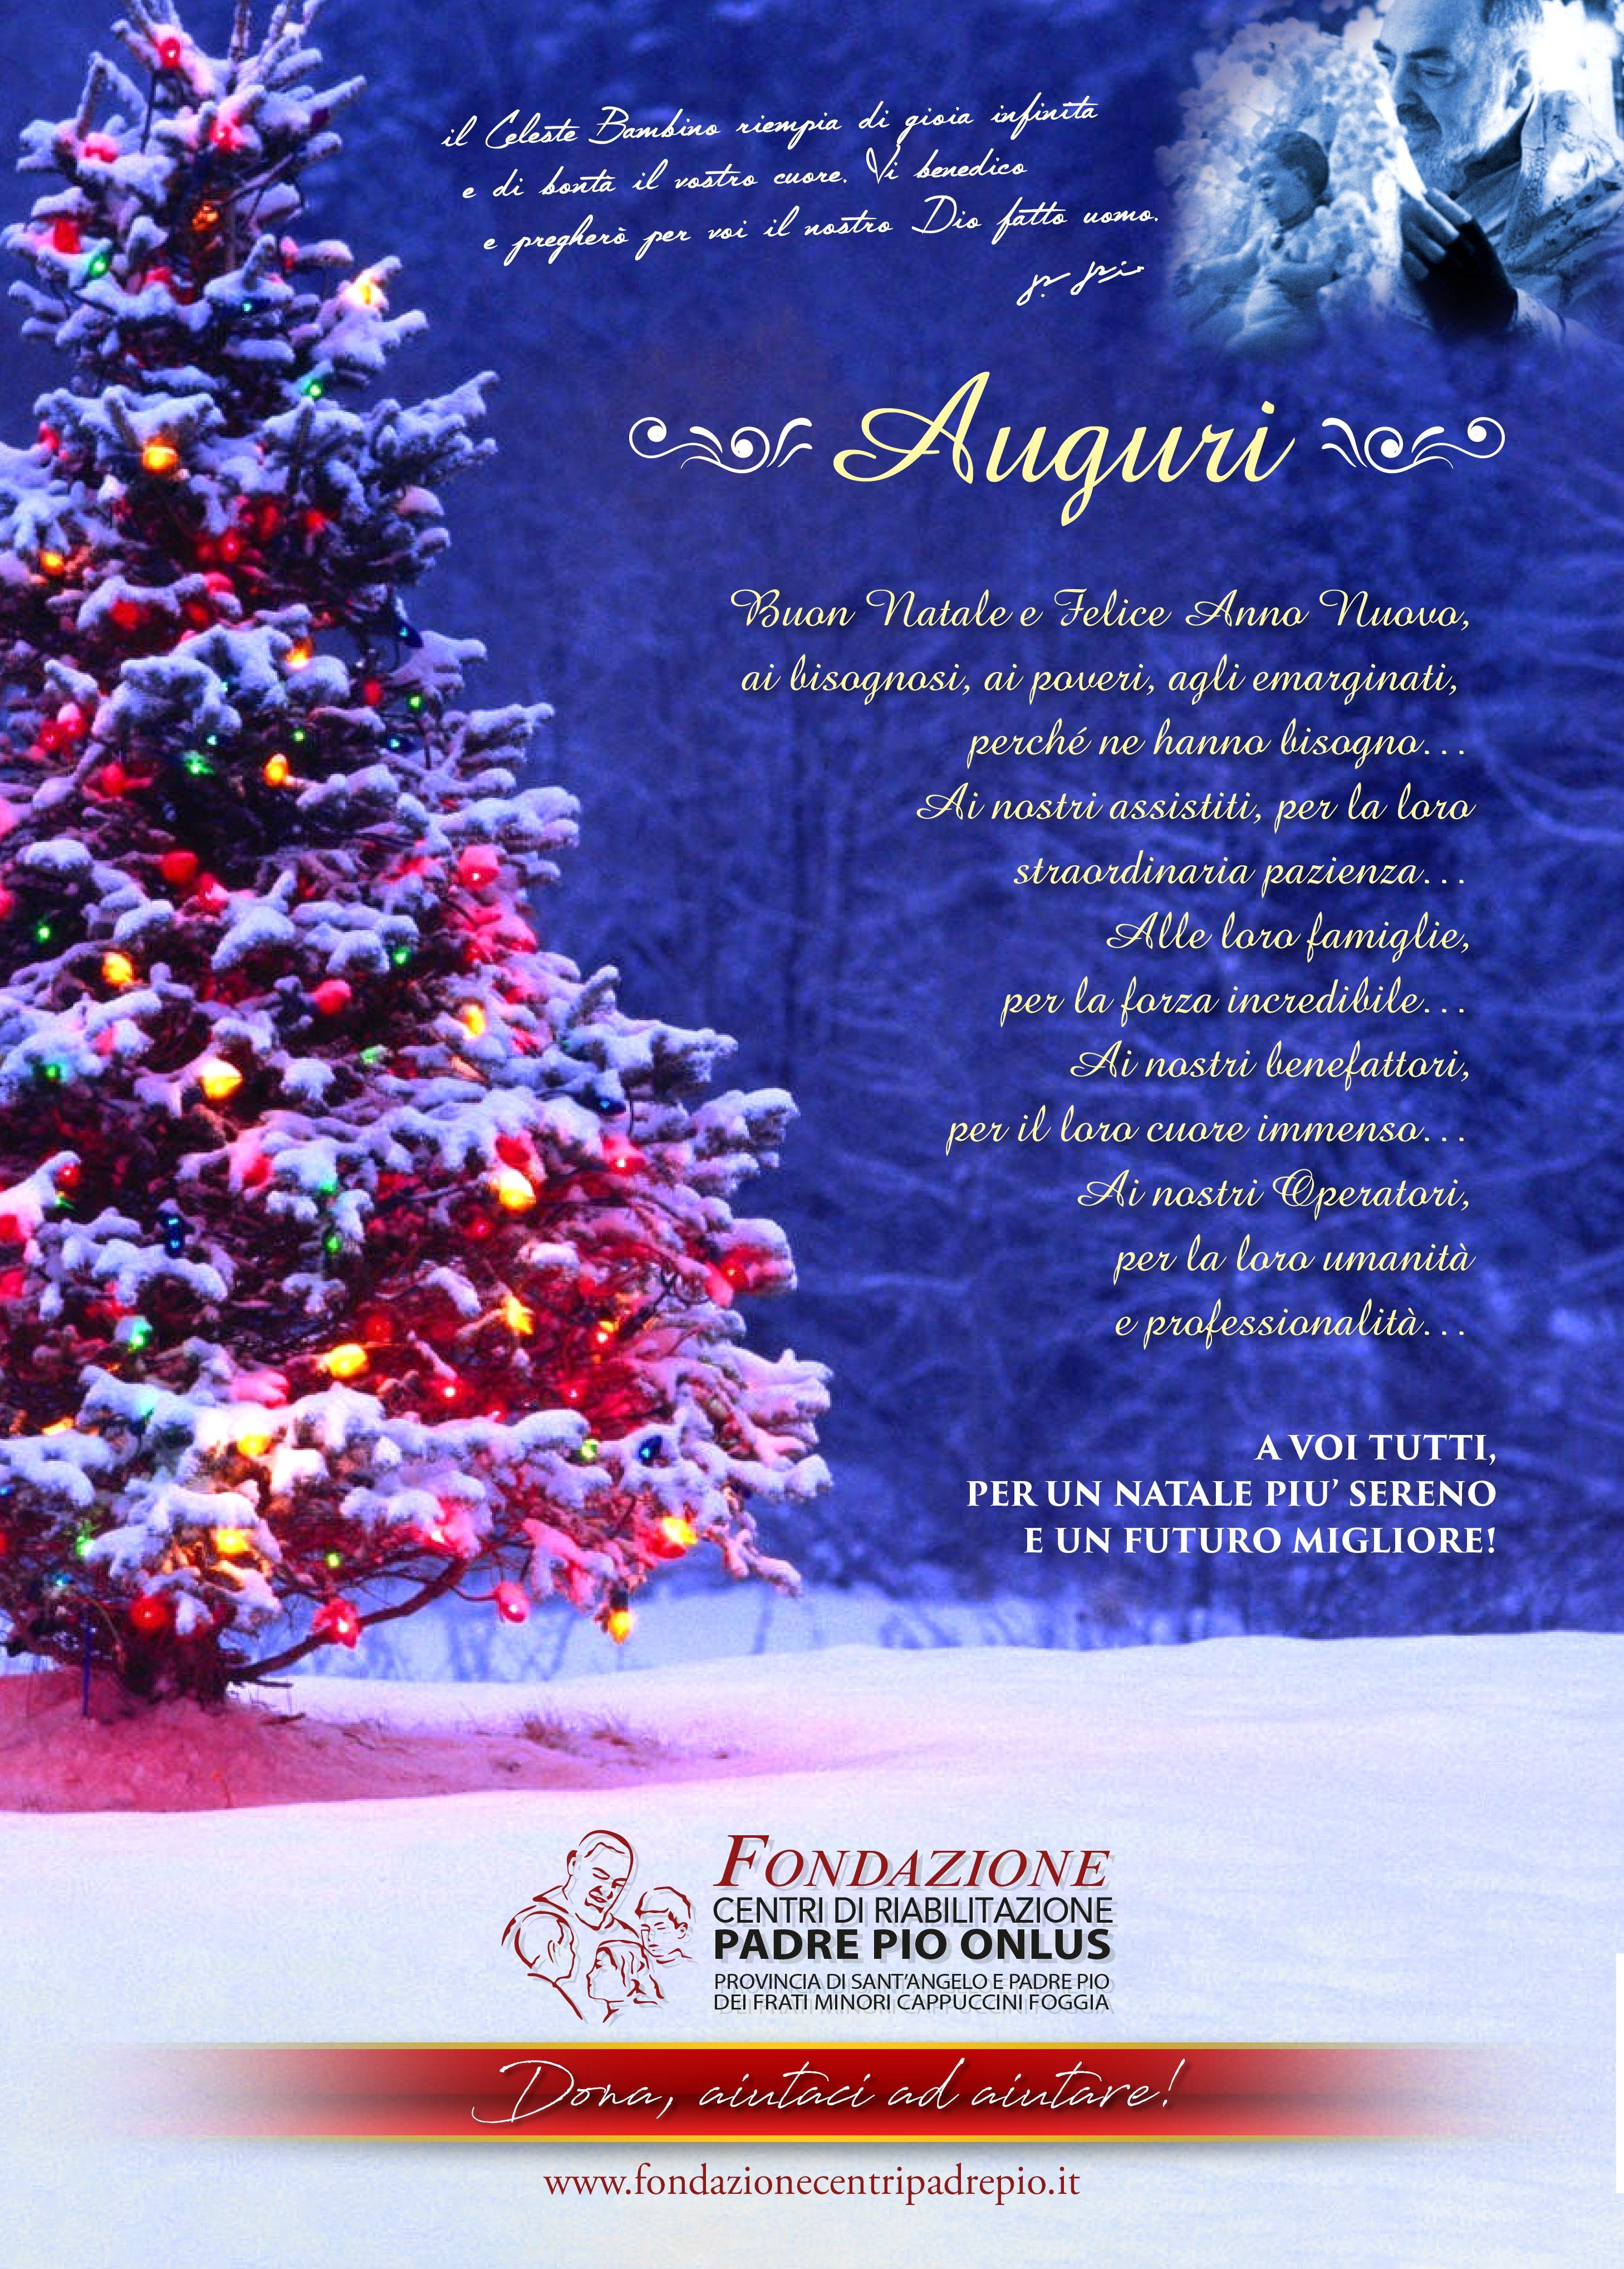 Buon Natale Freestyle Testo.News Ed Eventi Archivi Pagina 2 Di 3 Fondazione Centri Di